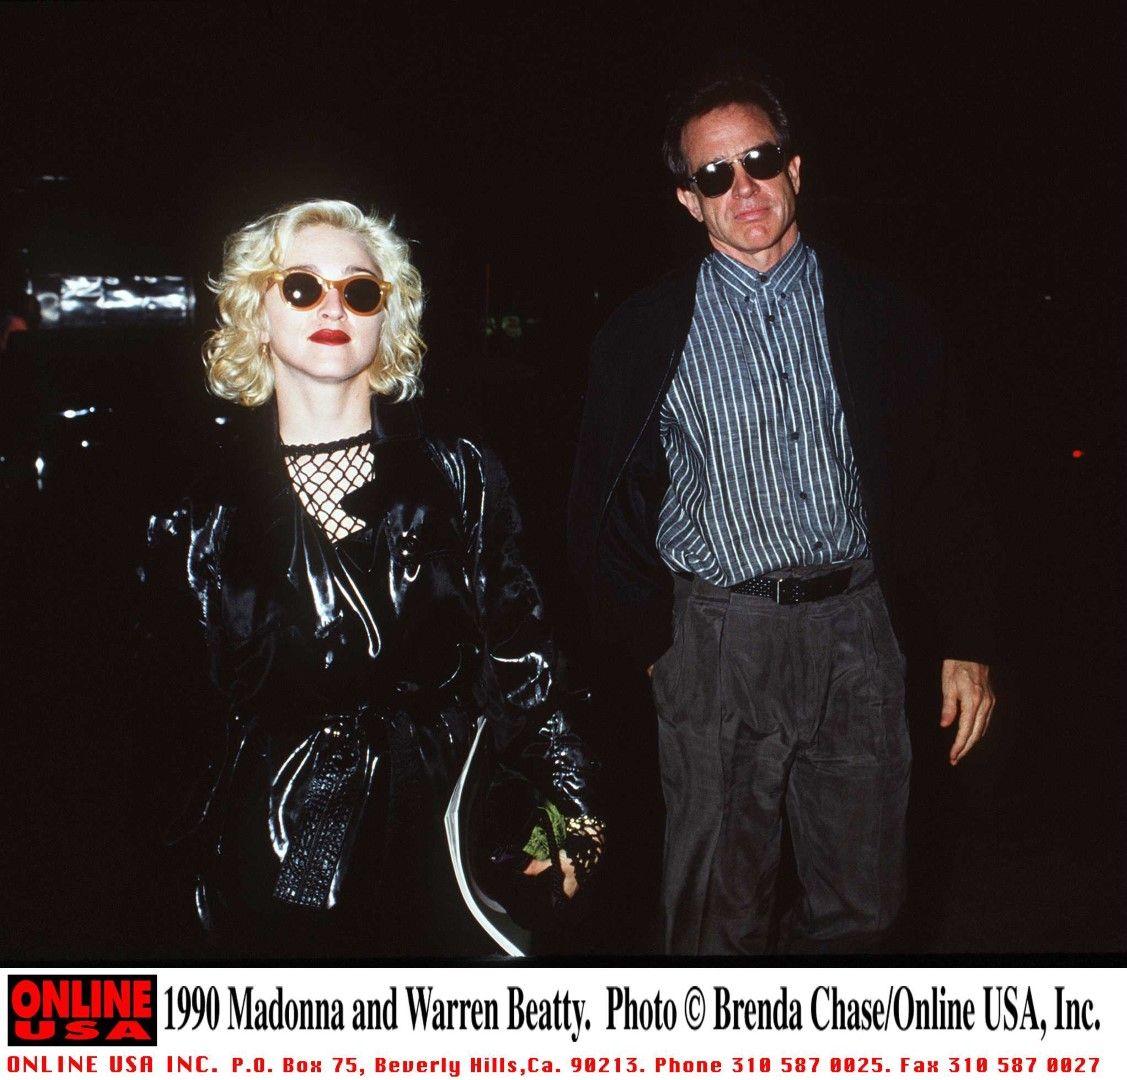 Мадона и Уорън Бийти, 1990 г.